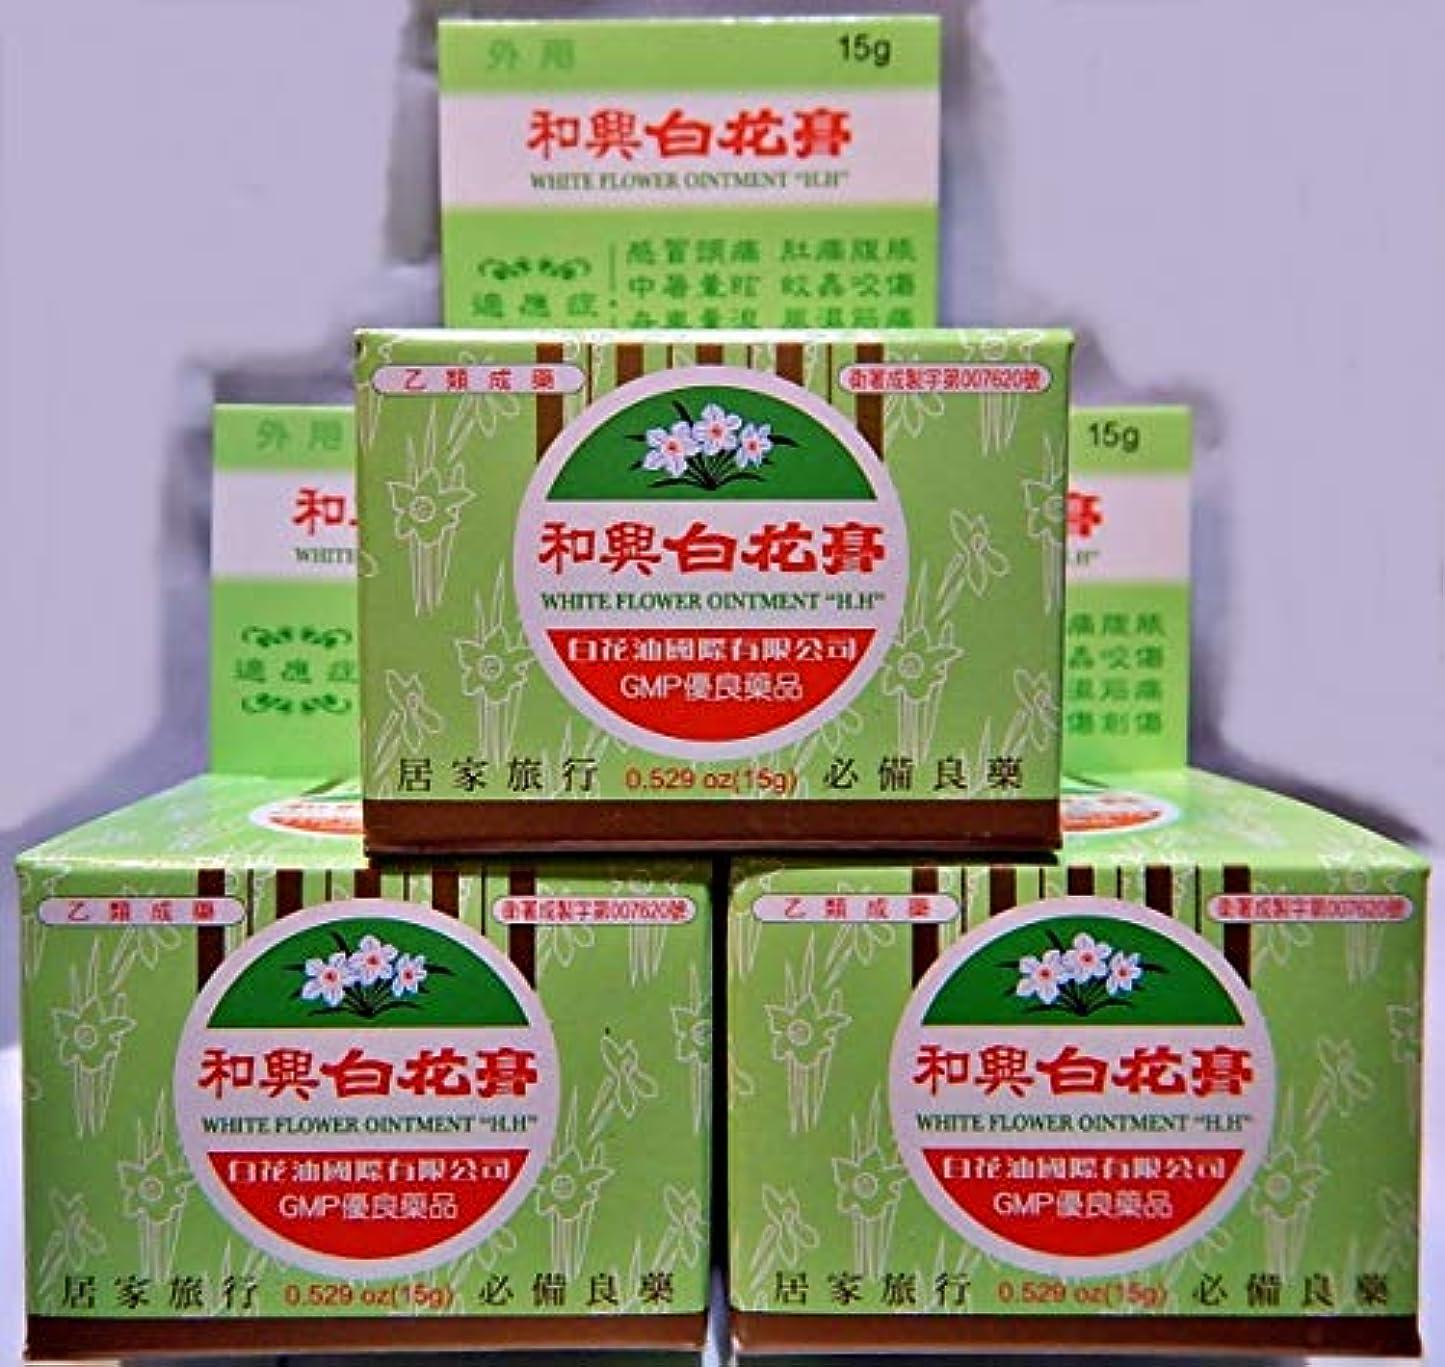 悪い実験的染料《和興》白花膏 15g(白花油軟膏タイプ)× 3個《台湾 お土産》 [並行輸入品]